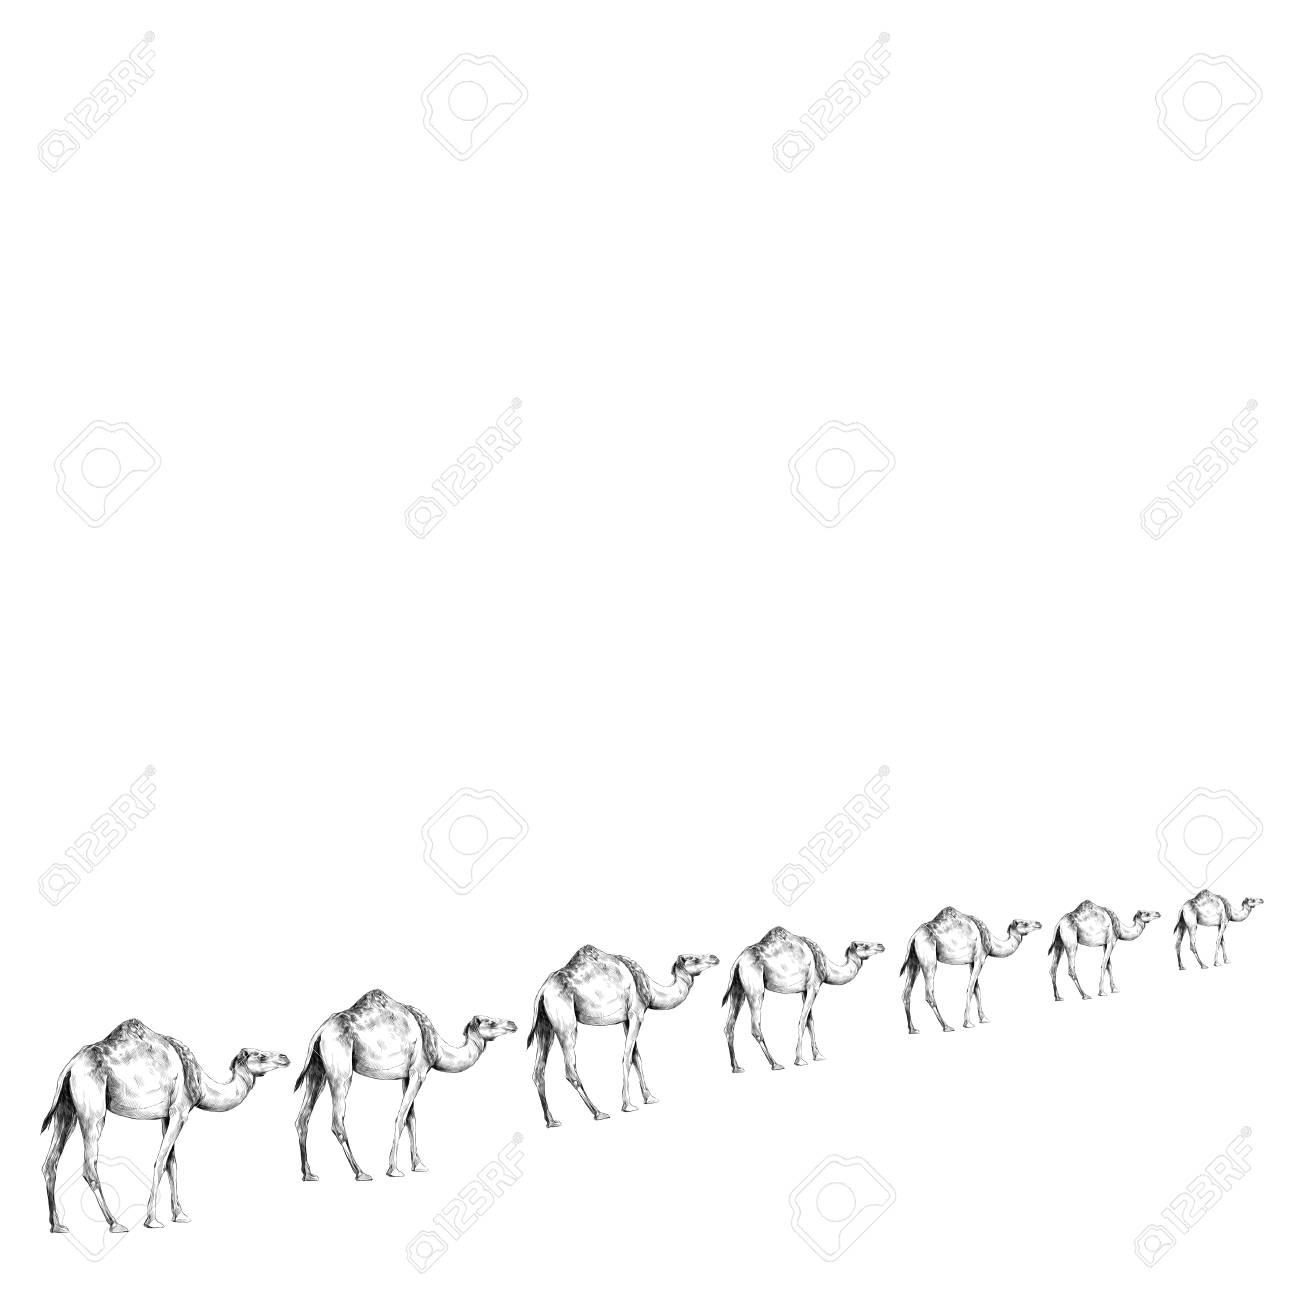 Una Caravana De Camellos En Una Línea Que Va En Perspectiva ...